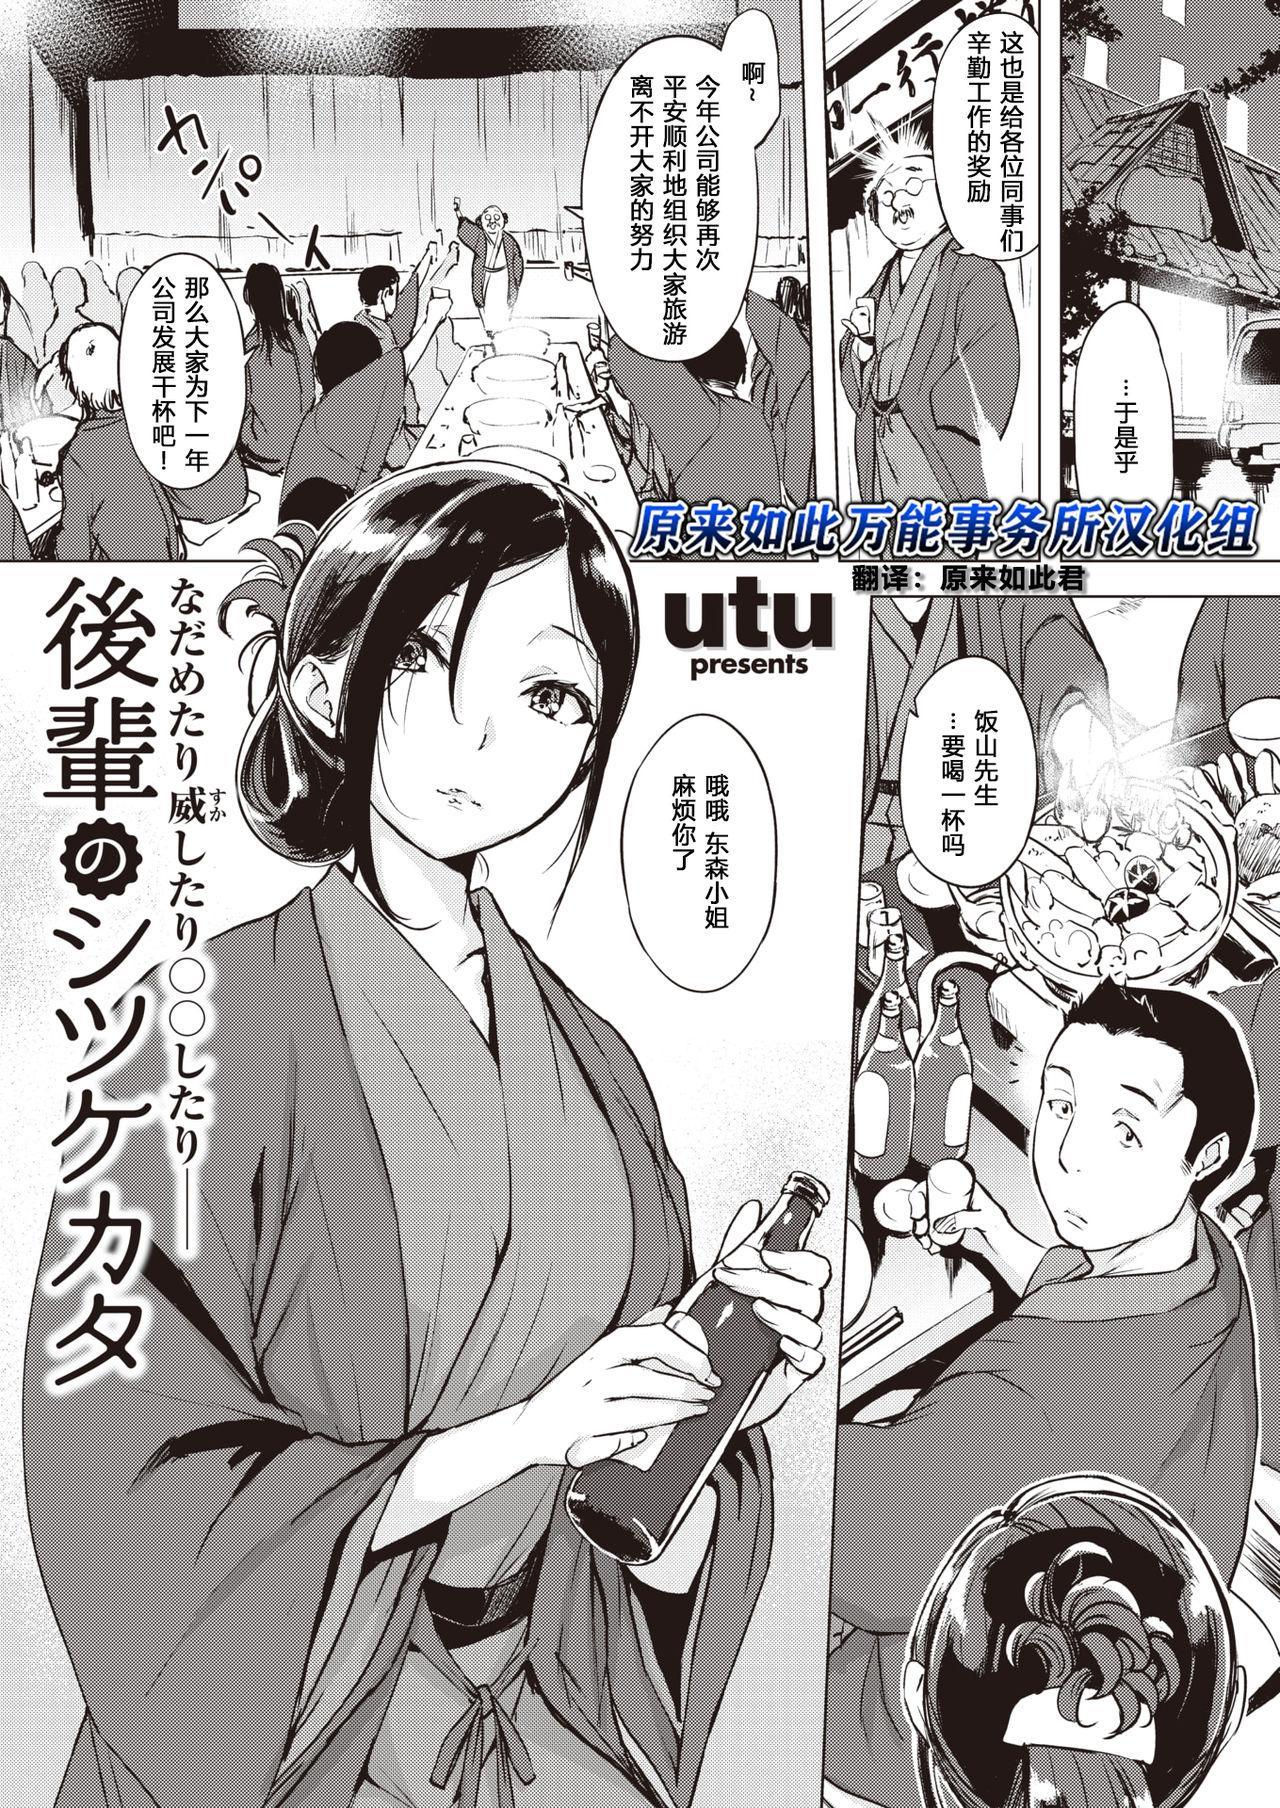 Kouhai no Shitsukekata Nadametari Odoshitari ○○ shitari -   对后辈的教育方法:可以亲切可以严厉也可以OO—— 0